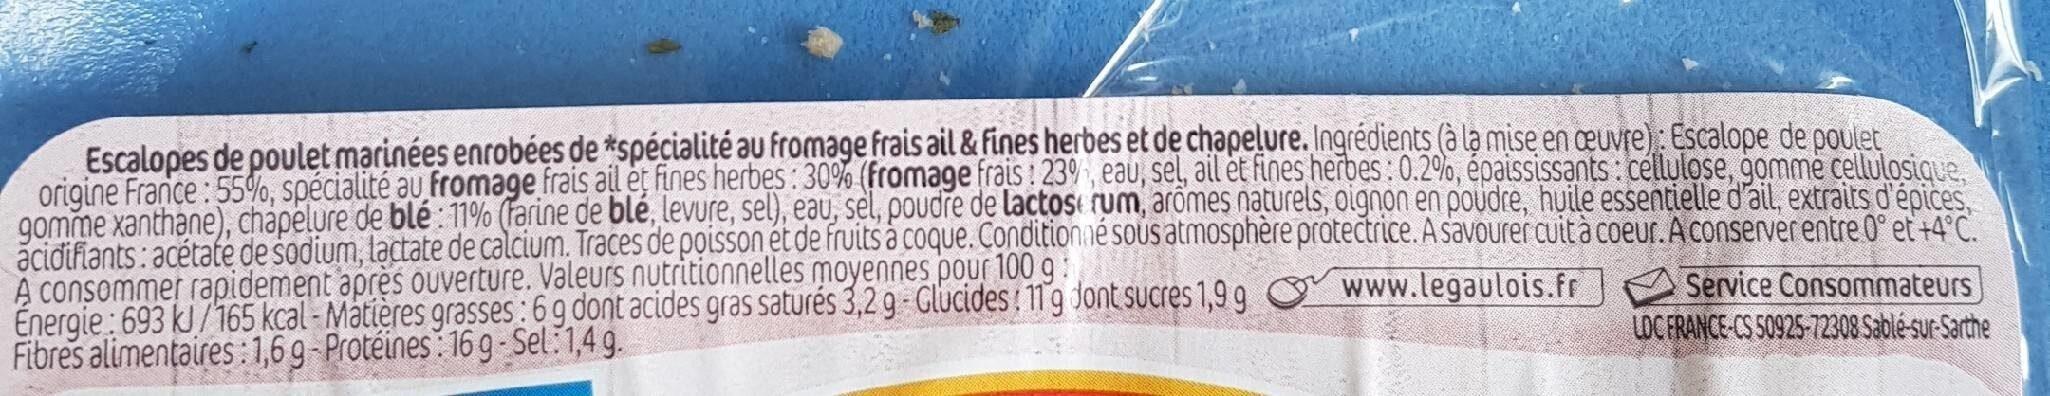 Les milanaises - Ingrédients